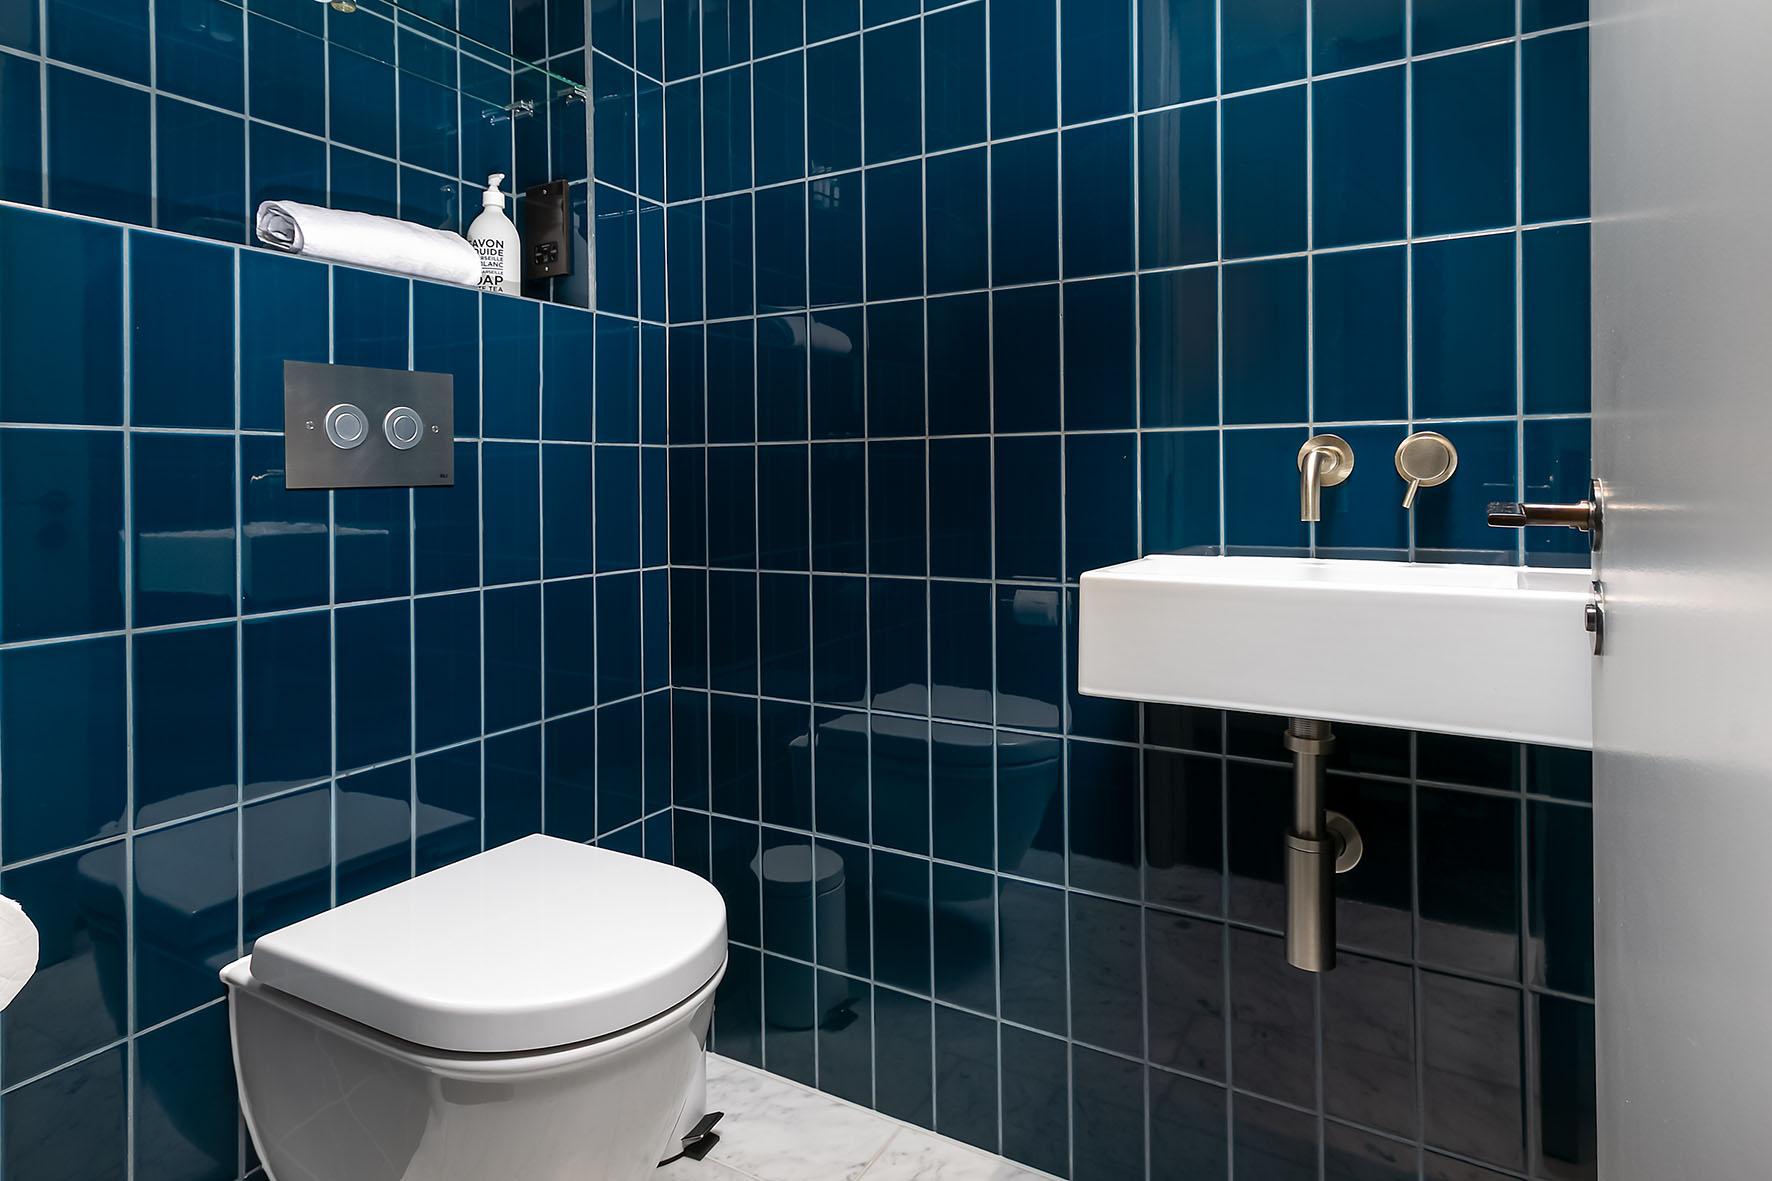 Lovelydays luxury service apartment rental - London - Soho - Oxford Street IV - Lovelysuite - 2 bedrooms - 2 bathrooms - Lovely shower - 4dd2a3e2e5b7 - Lovelydays